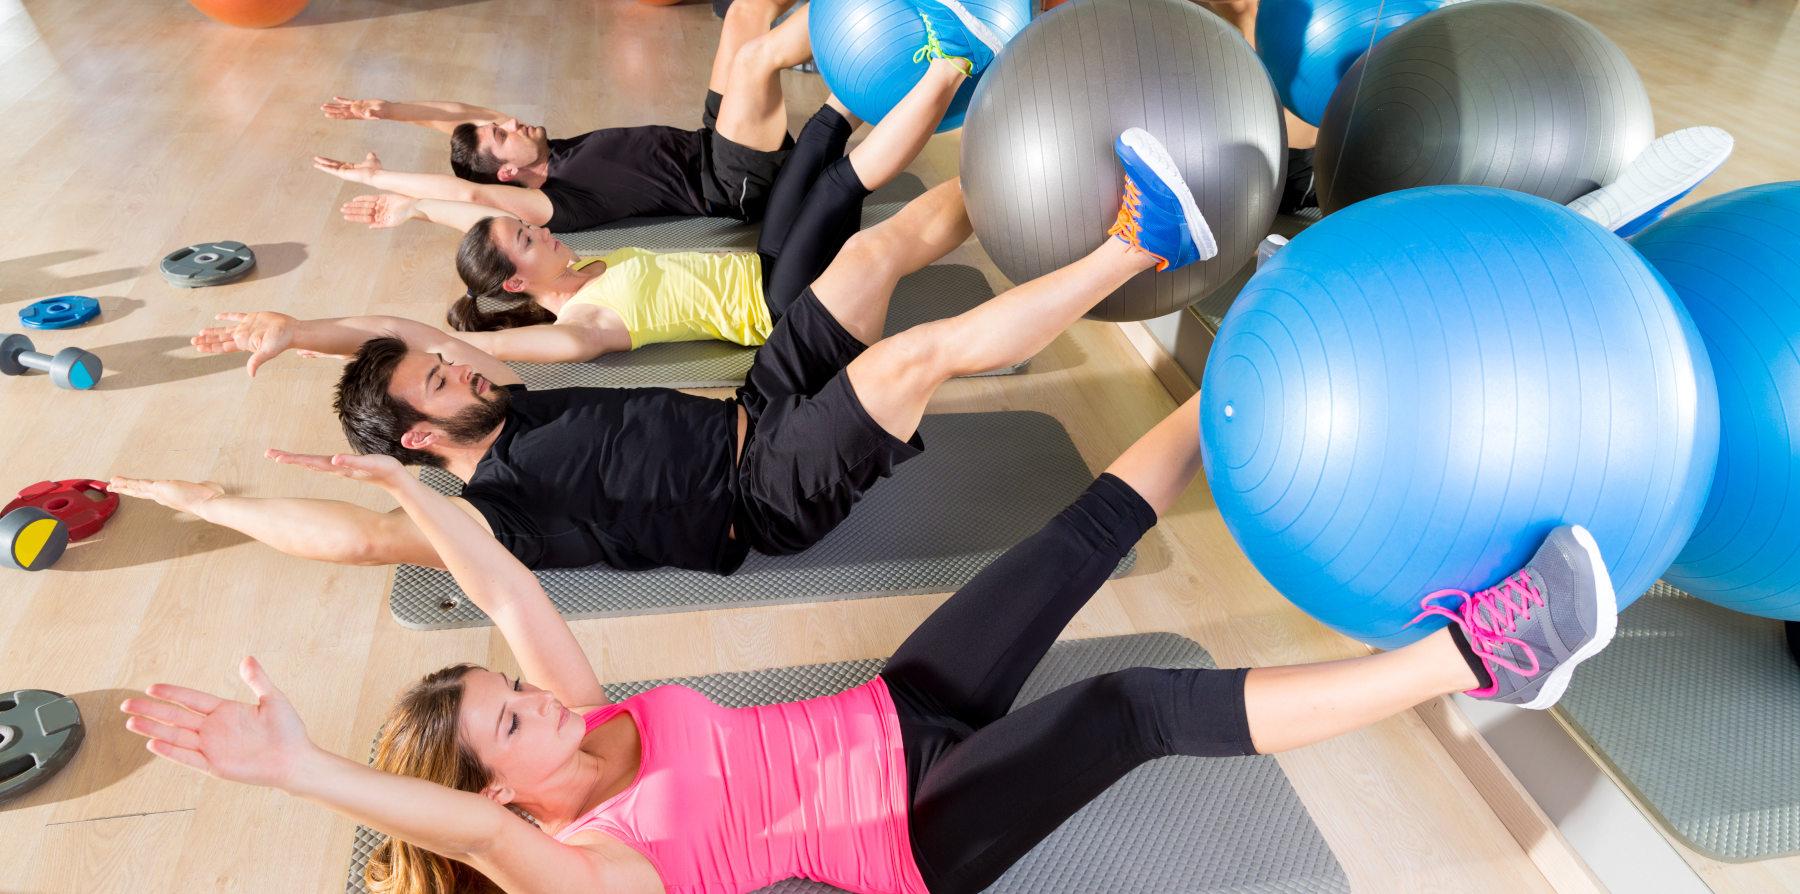 Gruppe macht Fitness im Kursraum und liegt auf dem Ruecken und hebt eine Gymnastikball mit ihren Fuessen waehrend einer Bauchuebung hoch